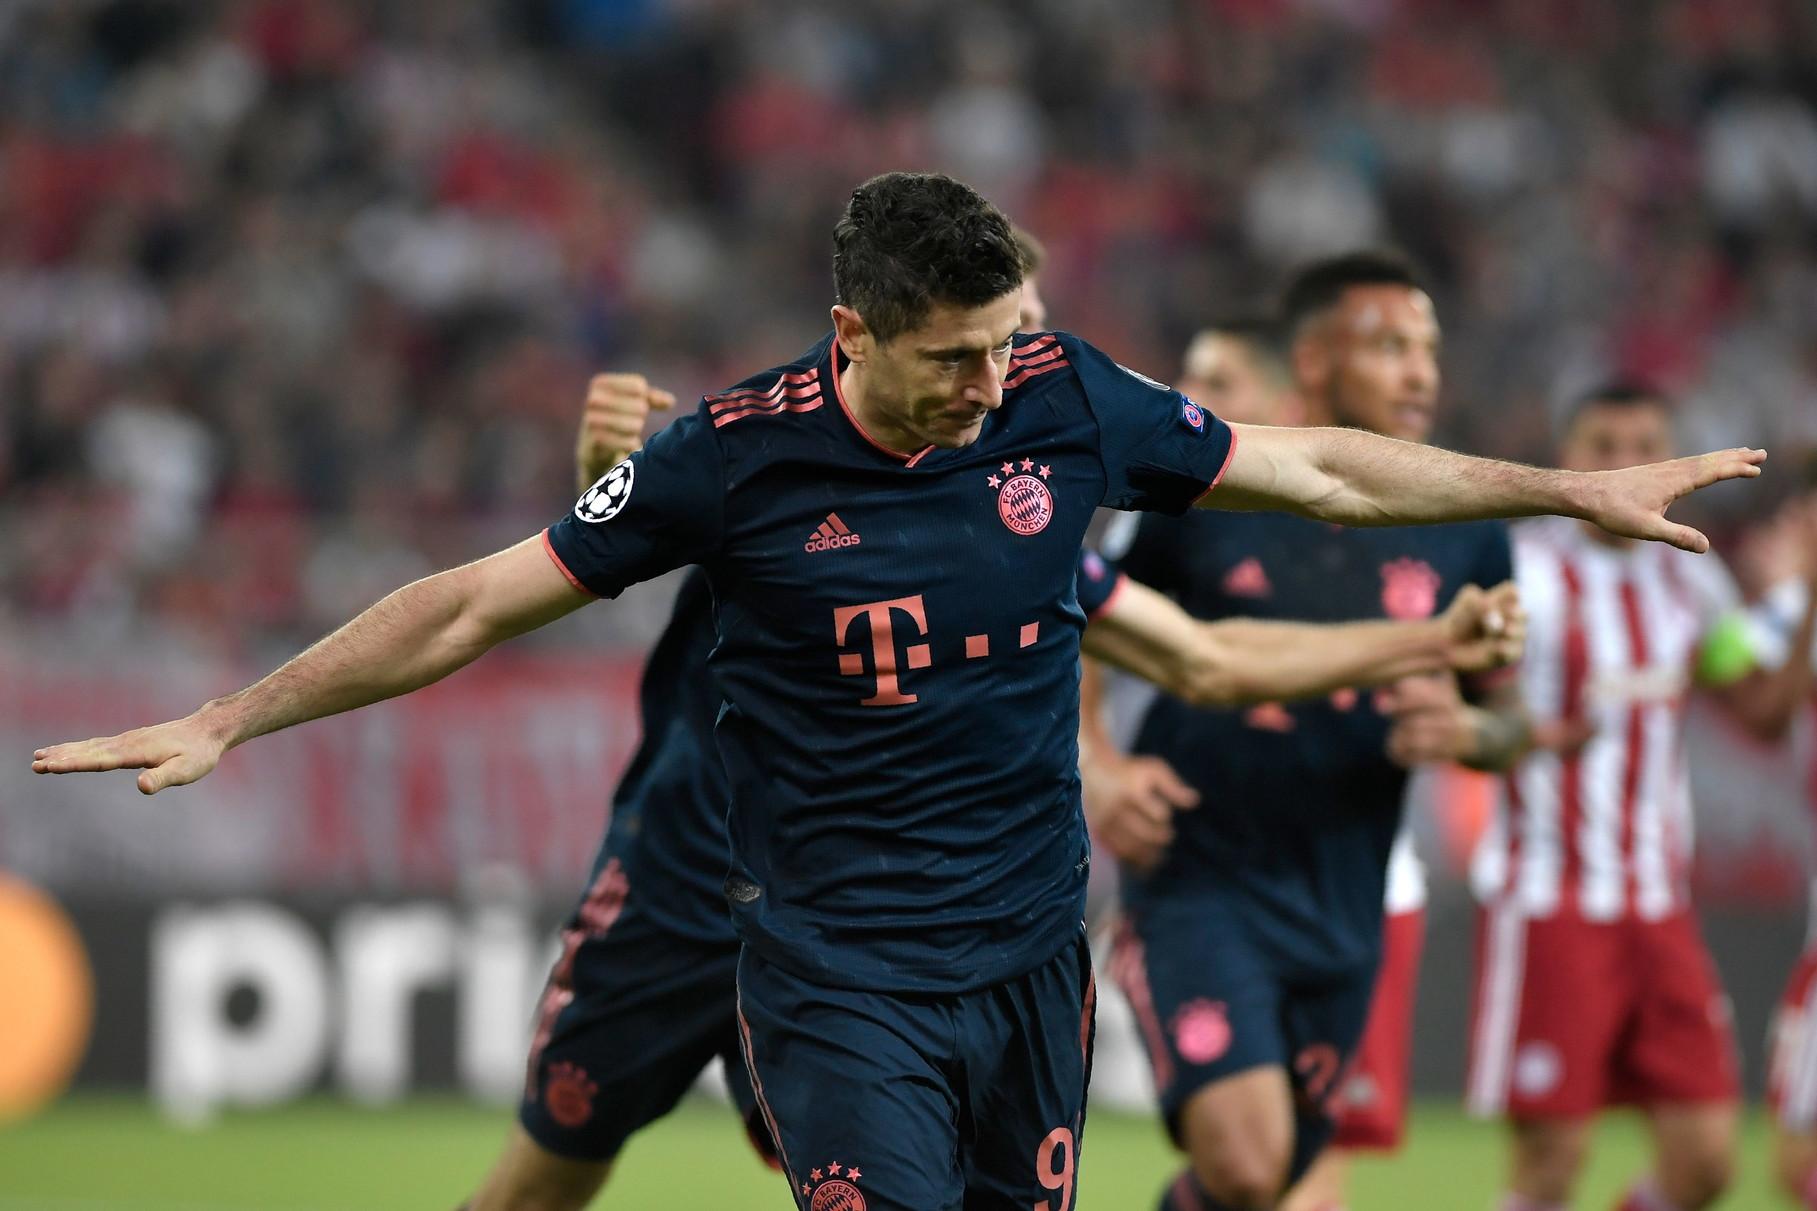 Robert Lewandowski grande protagonista nel 6-0 del Bayern Monaco alla Stella Rossa: un poker da favola che riscrive ancora una volta i numeri record di questa stagione iniziata in modo straordinario. Vediamoli tutti.